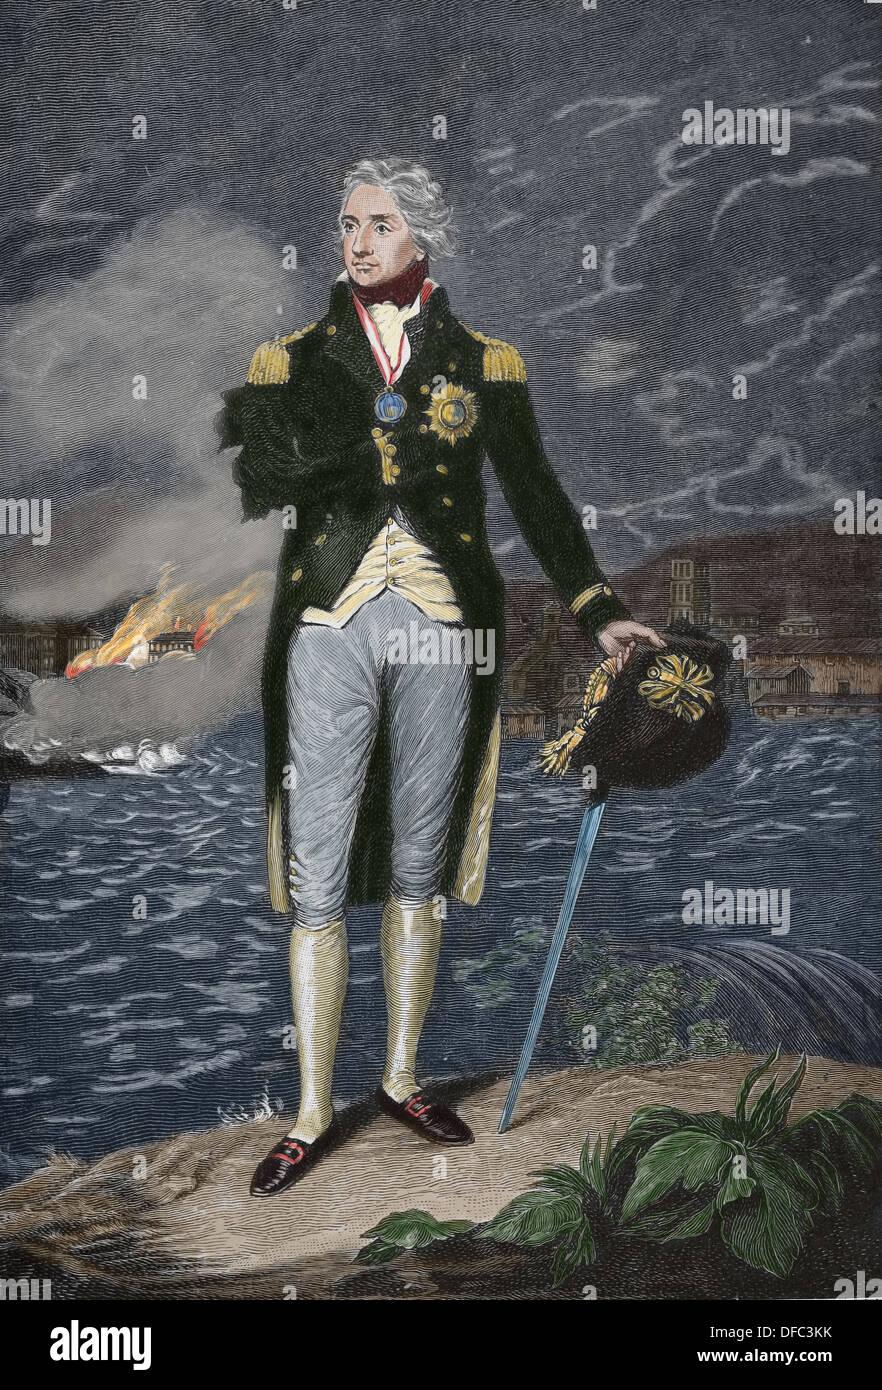 Horatio Nelson (1758-1805). Britische Flagge-Offizier berühmt für seinen Dienst in der Royal Navy. Gravur. Stockbild